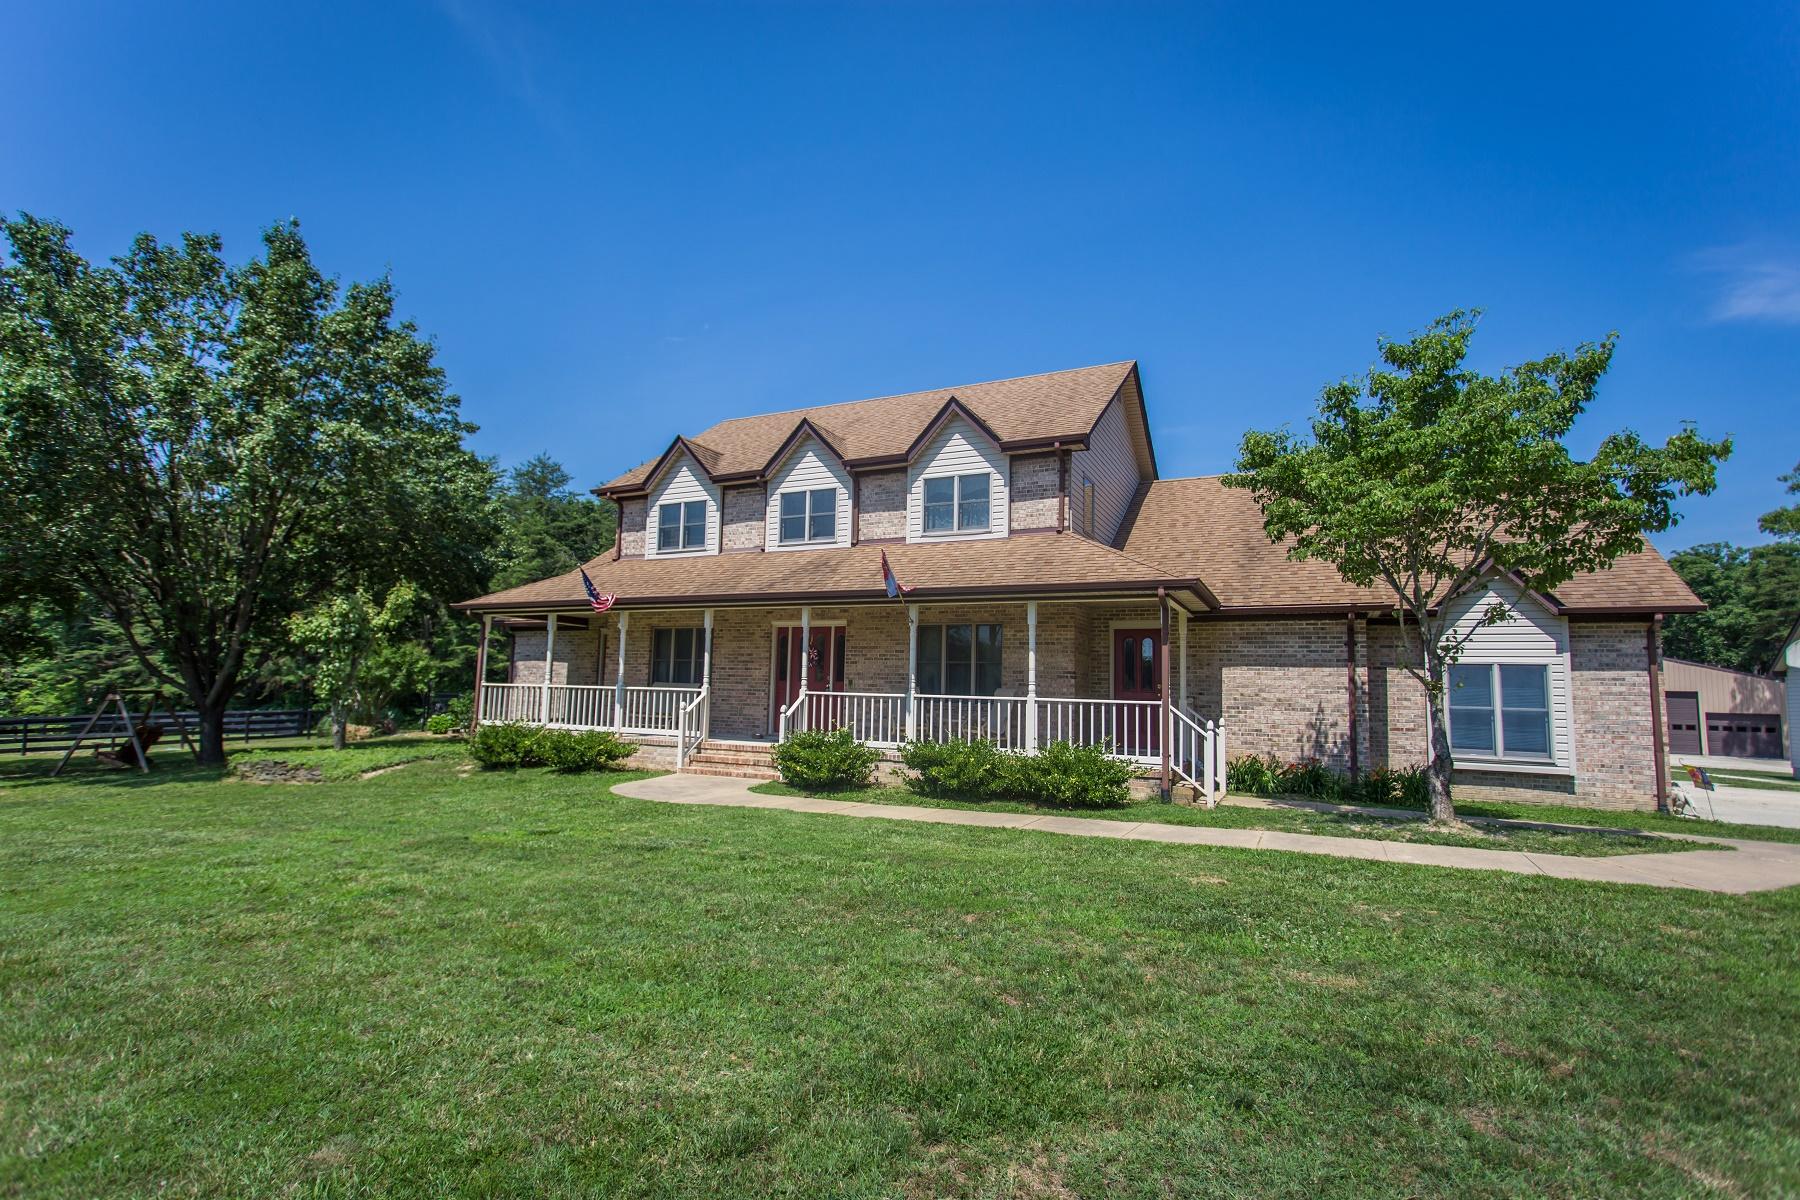 一戸建て のために 売買 アット 5418 Courthouse Rd Spotsylvania, バージニア, 22551 アメリカ合衆国